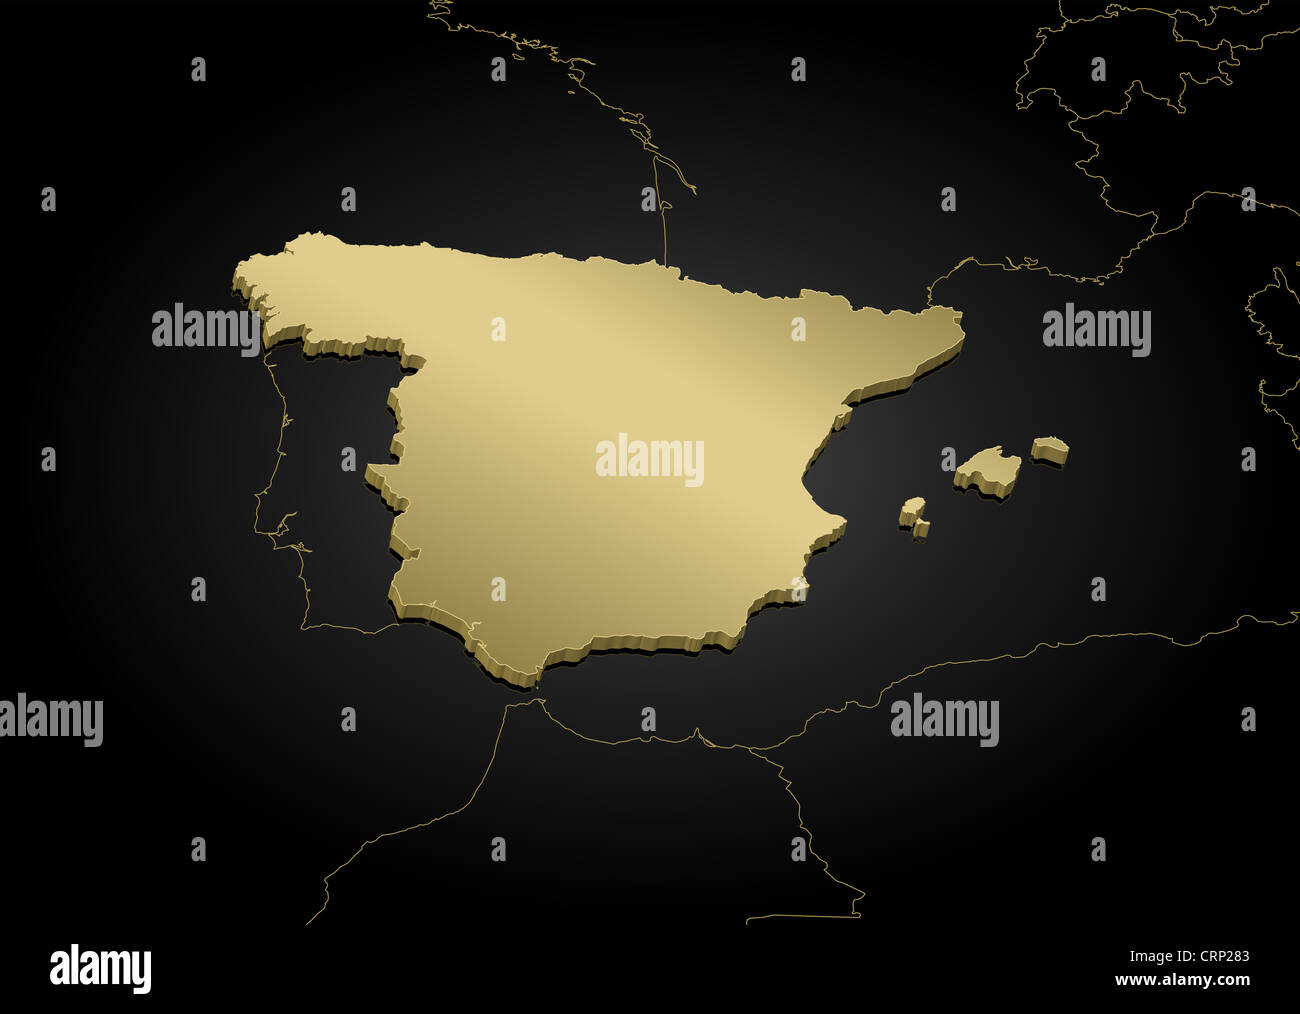 Spanien Regionen Karte.Politische Karte Von Spanien Mit Mehreren Regionen Stockfoto Bild